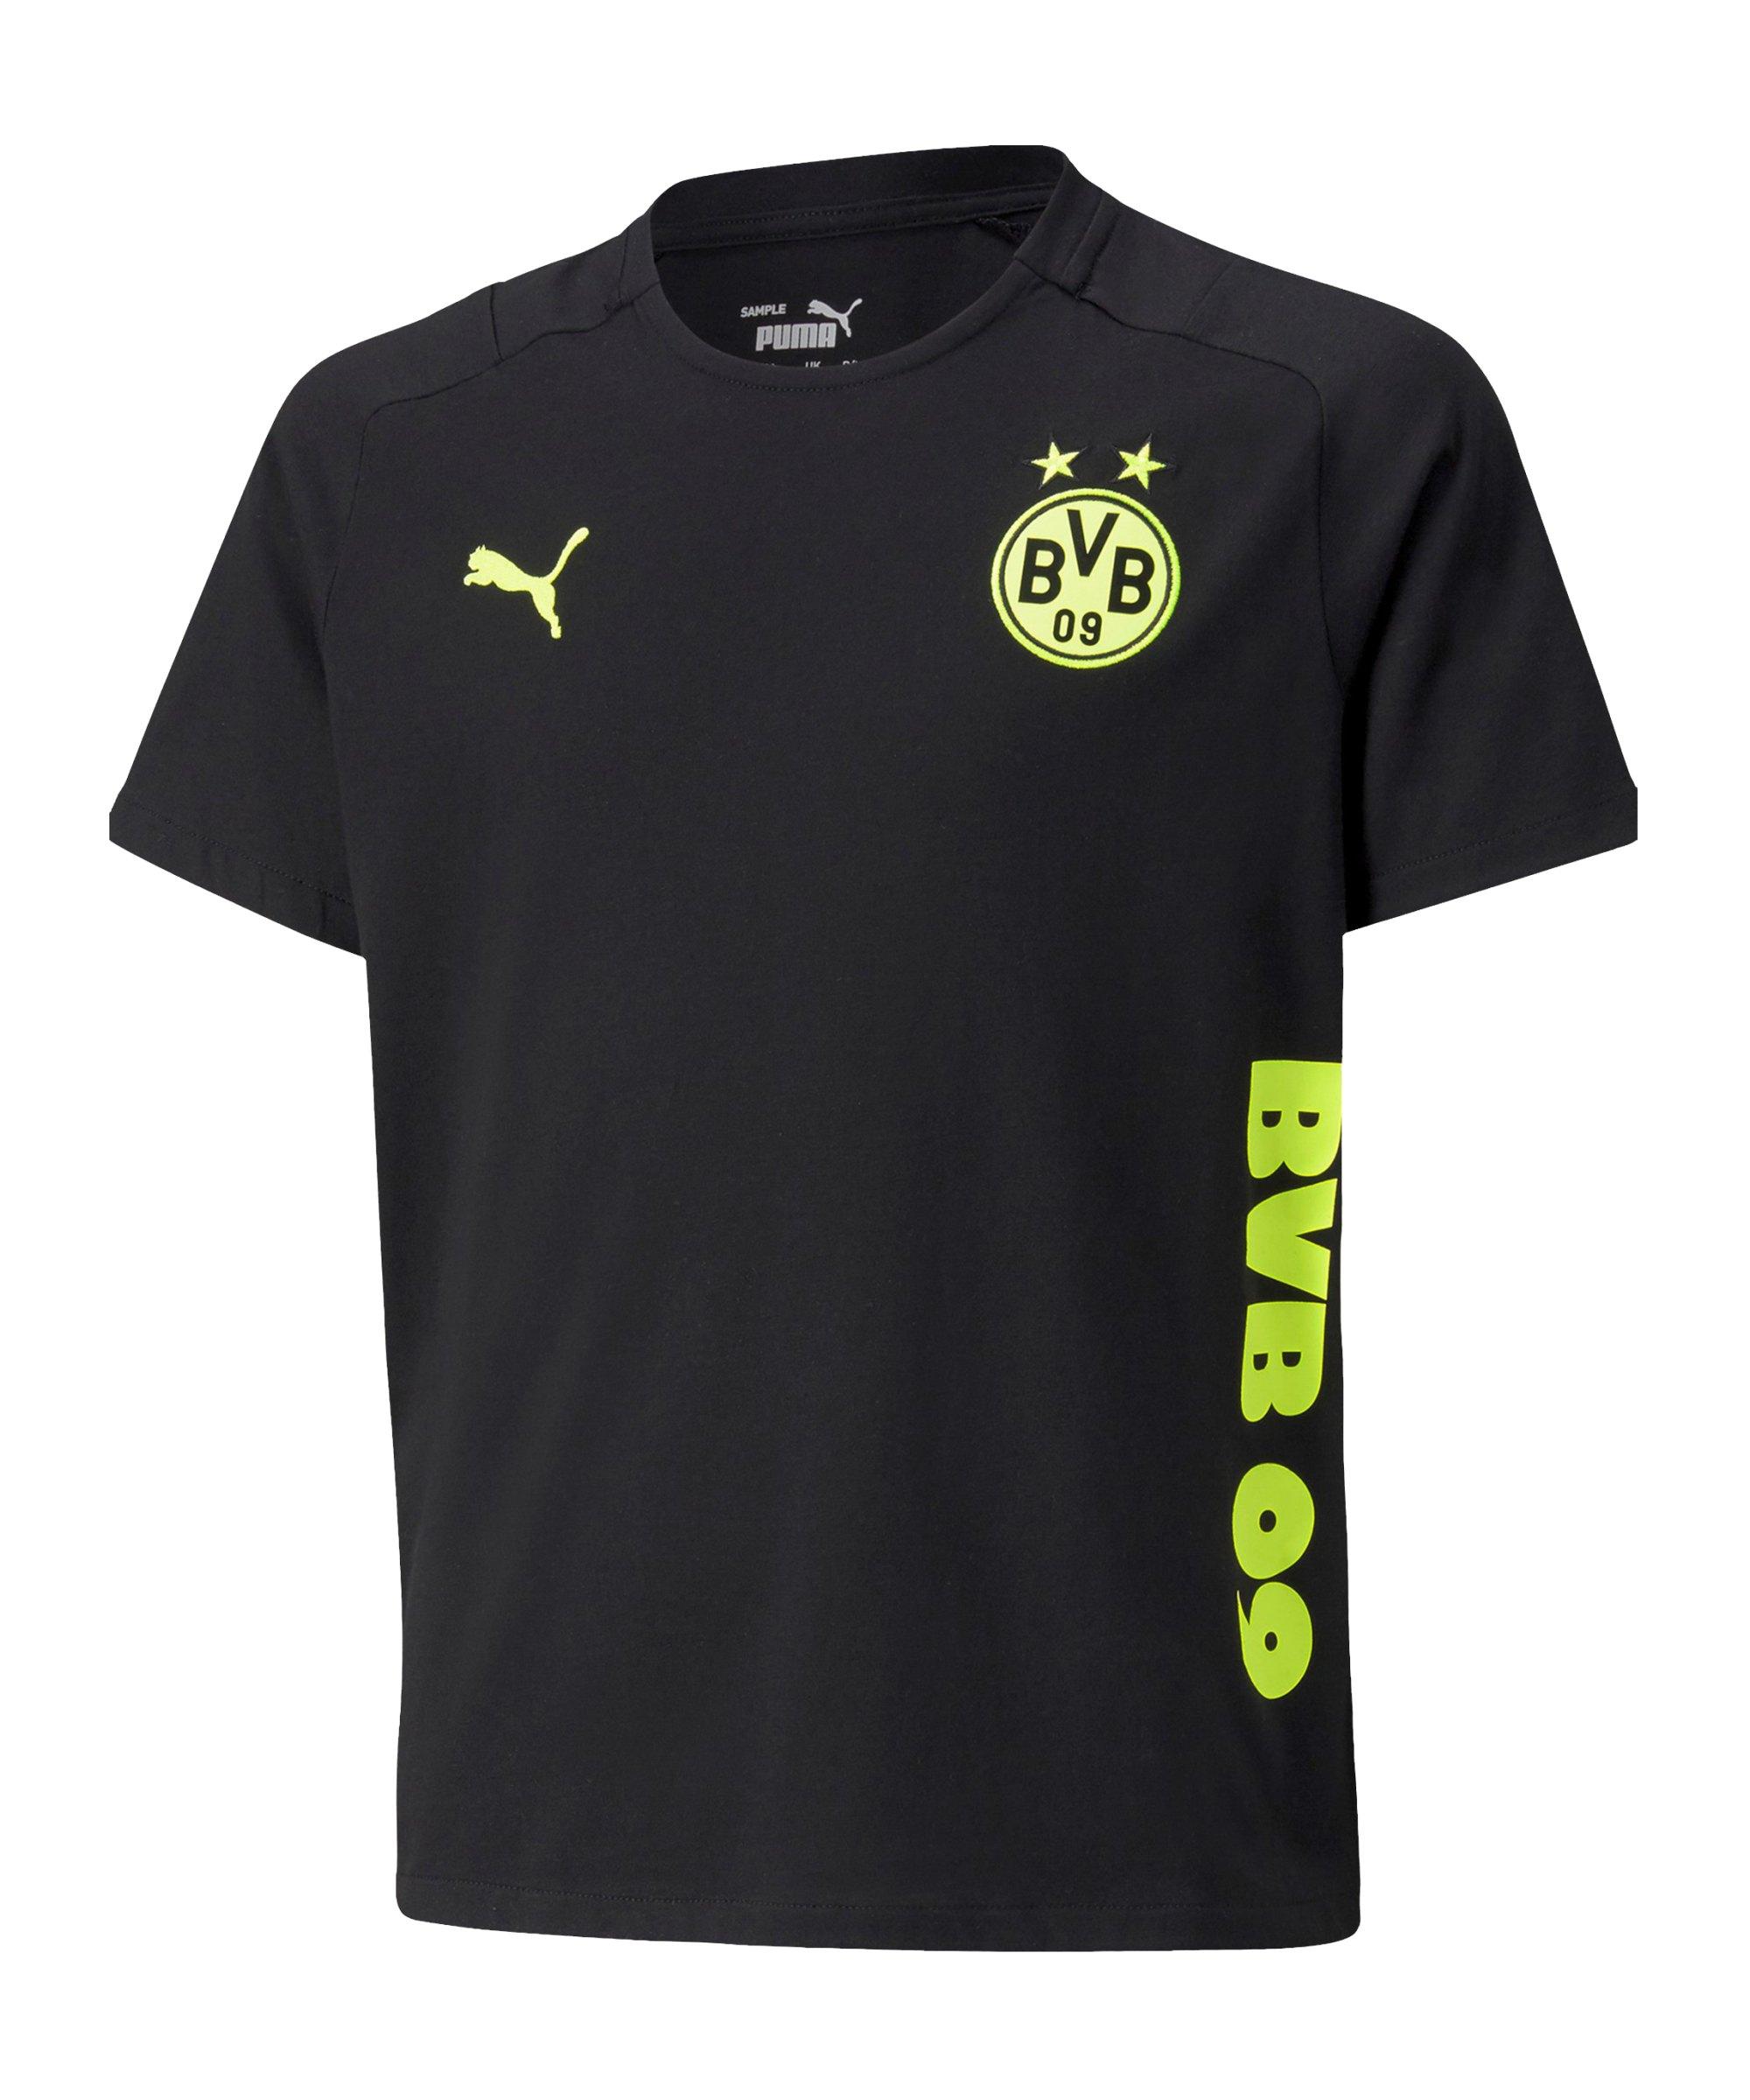 PUMA BVB Dortmund Casuals T-Shirt Kids Schwarz F05 - schwarz